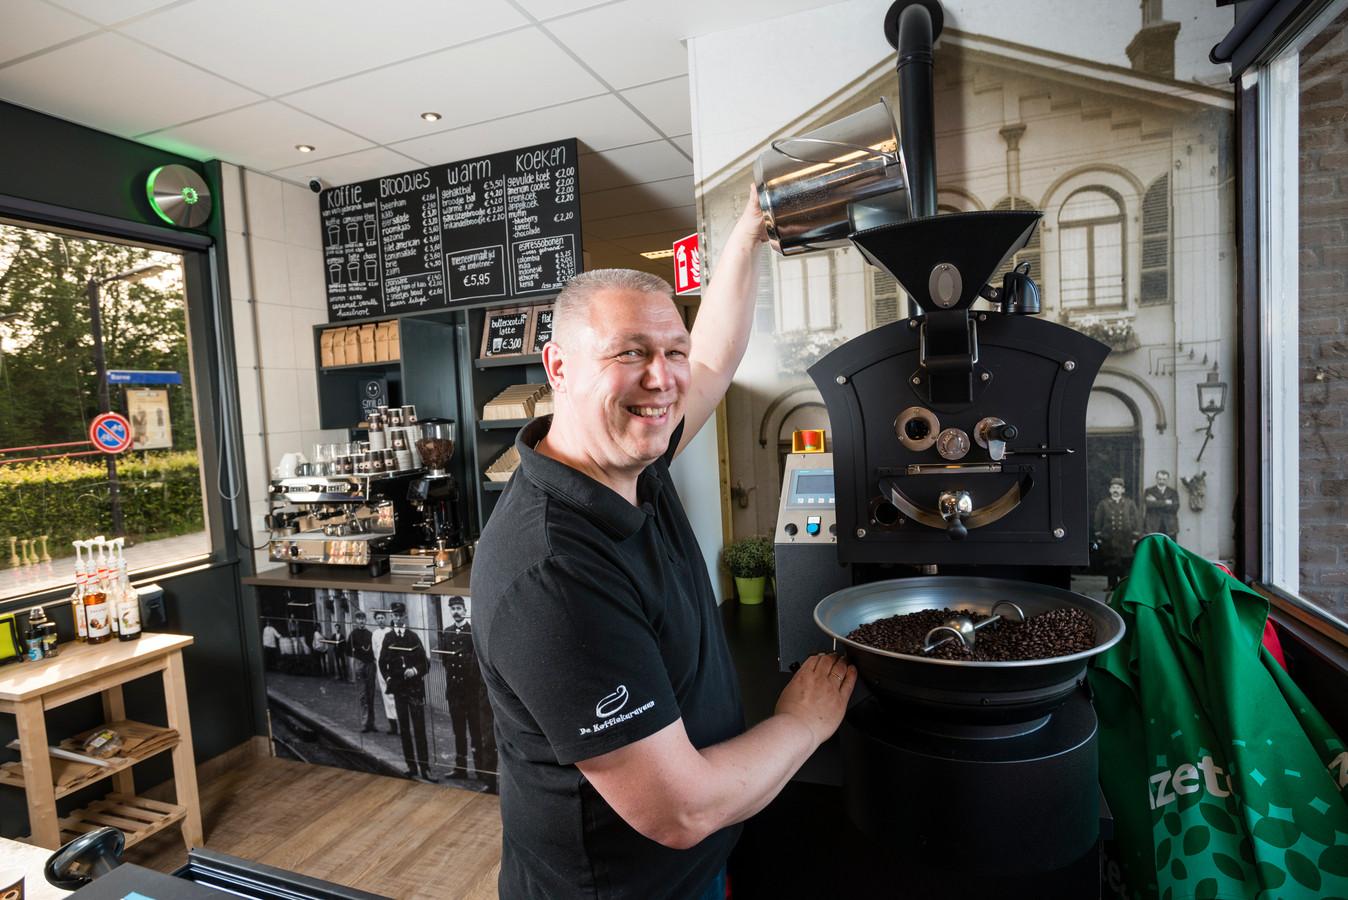 John Pigge, eigenaar van een stationsrestauratie in Borne, helpt mensen met een beperking aan een baan.